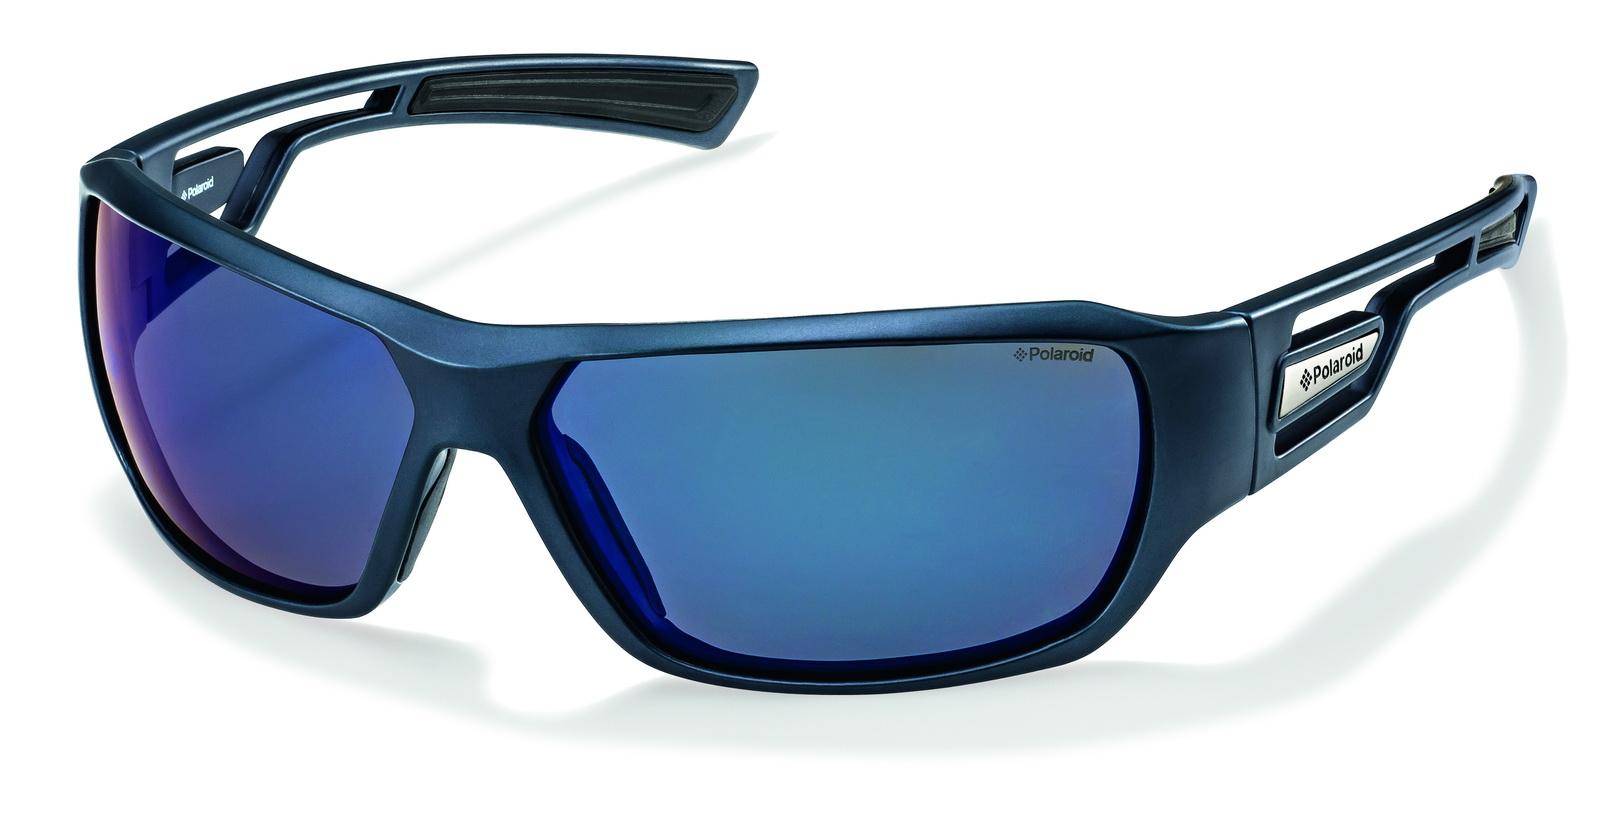 Polaroid очки поляризационные P7401BP7401BПоляризационные солнцезащитные очки Polaroid обеспечивают видение без бликов, 100%-ую защиту от ультрафиолетового излучения, естественные цвета, чистые контрасты и снижение усталости глаз. Все линзы обладают ударопрочными свойствами и стойкостью к царапинам для защиты Ваших глаз. Очки Polaroid - лучшие солнцезащитные очки с поляризационными линзами по доступным ценам.